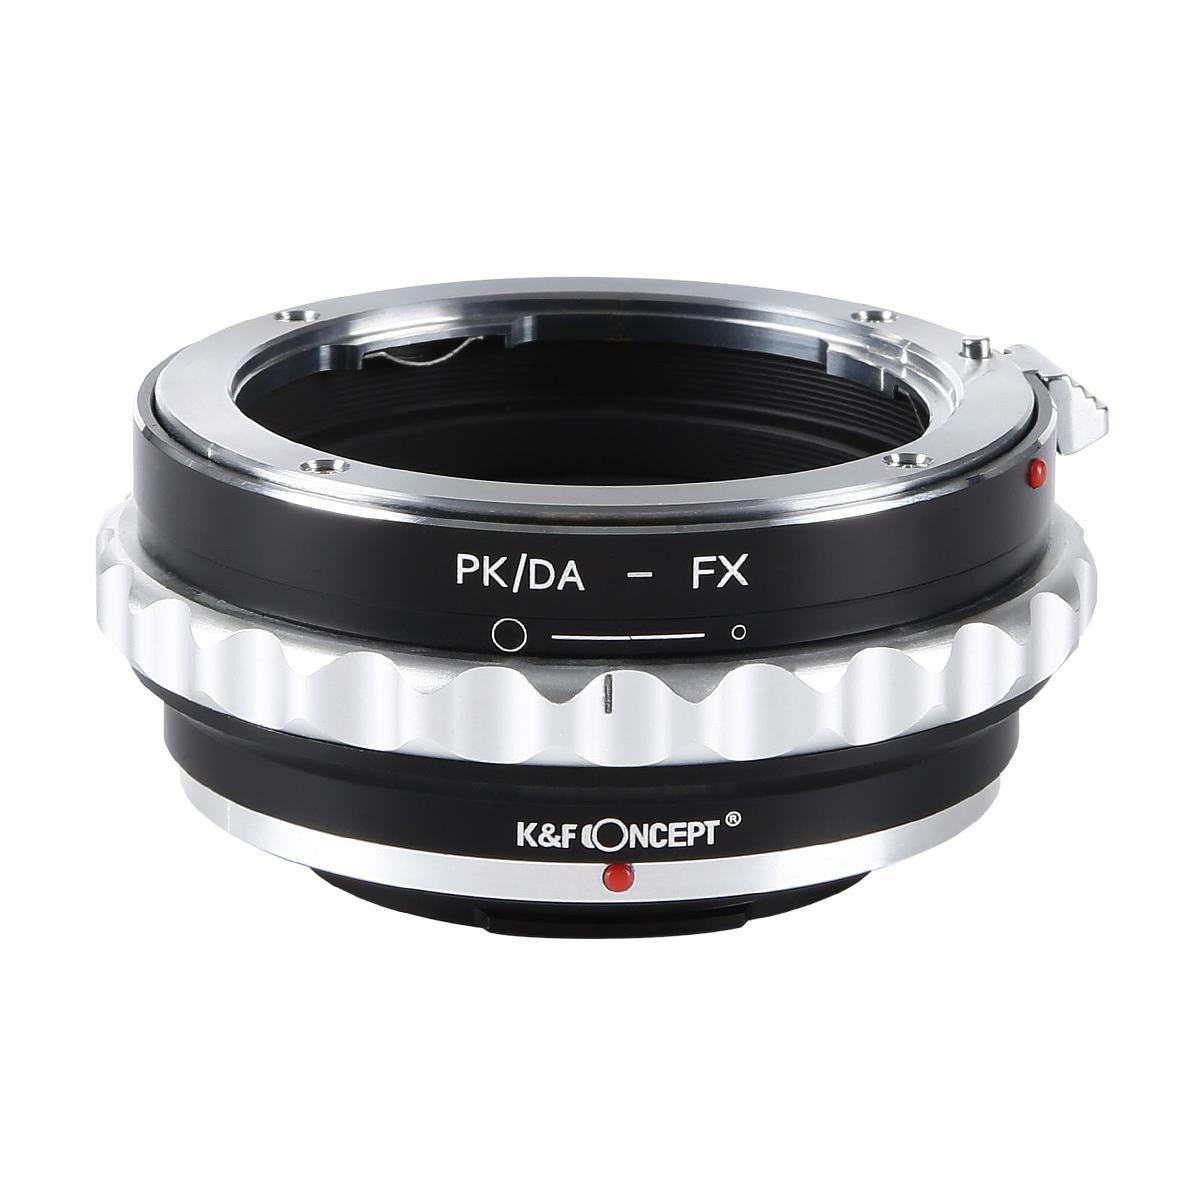 KF CONCEPT 予約販売 Concept レンズマウントアダプター KF-DAX ペンタックスKマウント DAレンズ対応 日本製 絞りリング付き レンズ 富士フィルムXマウント変換 →